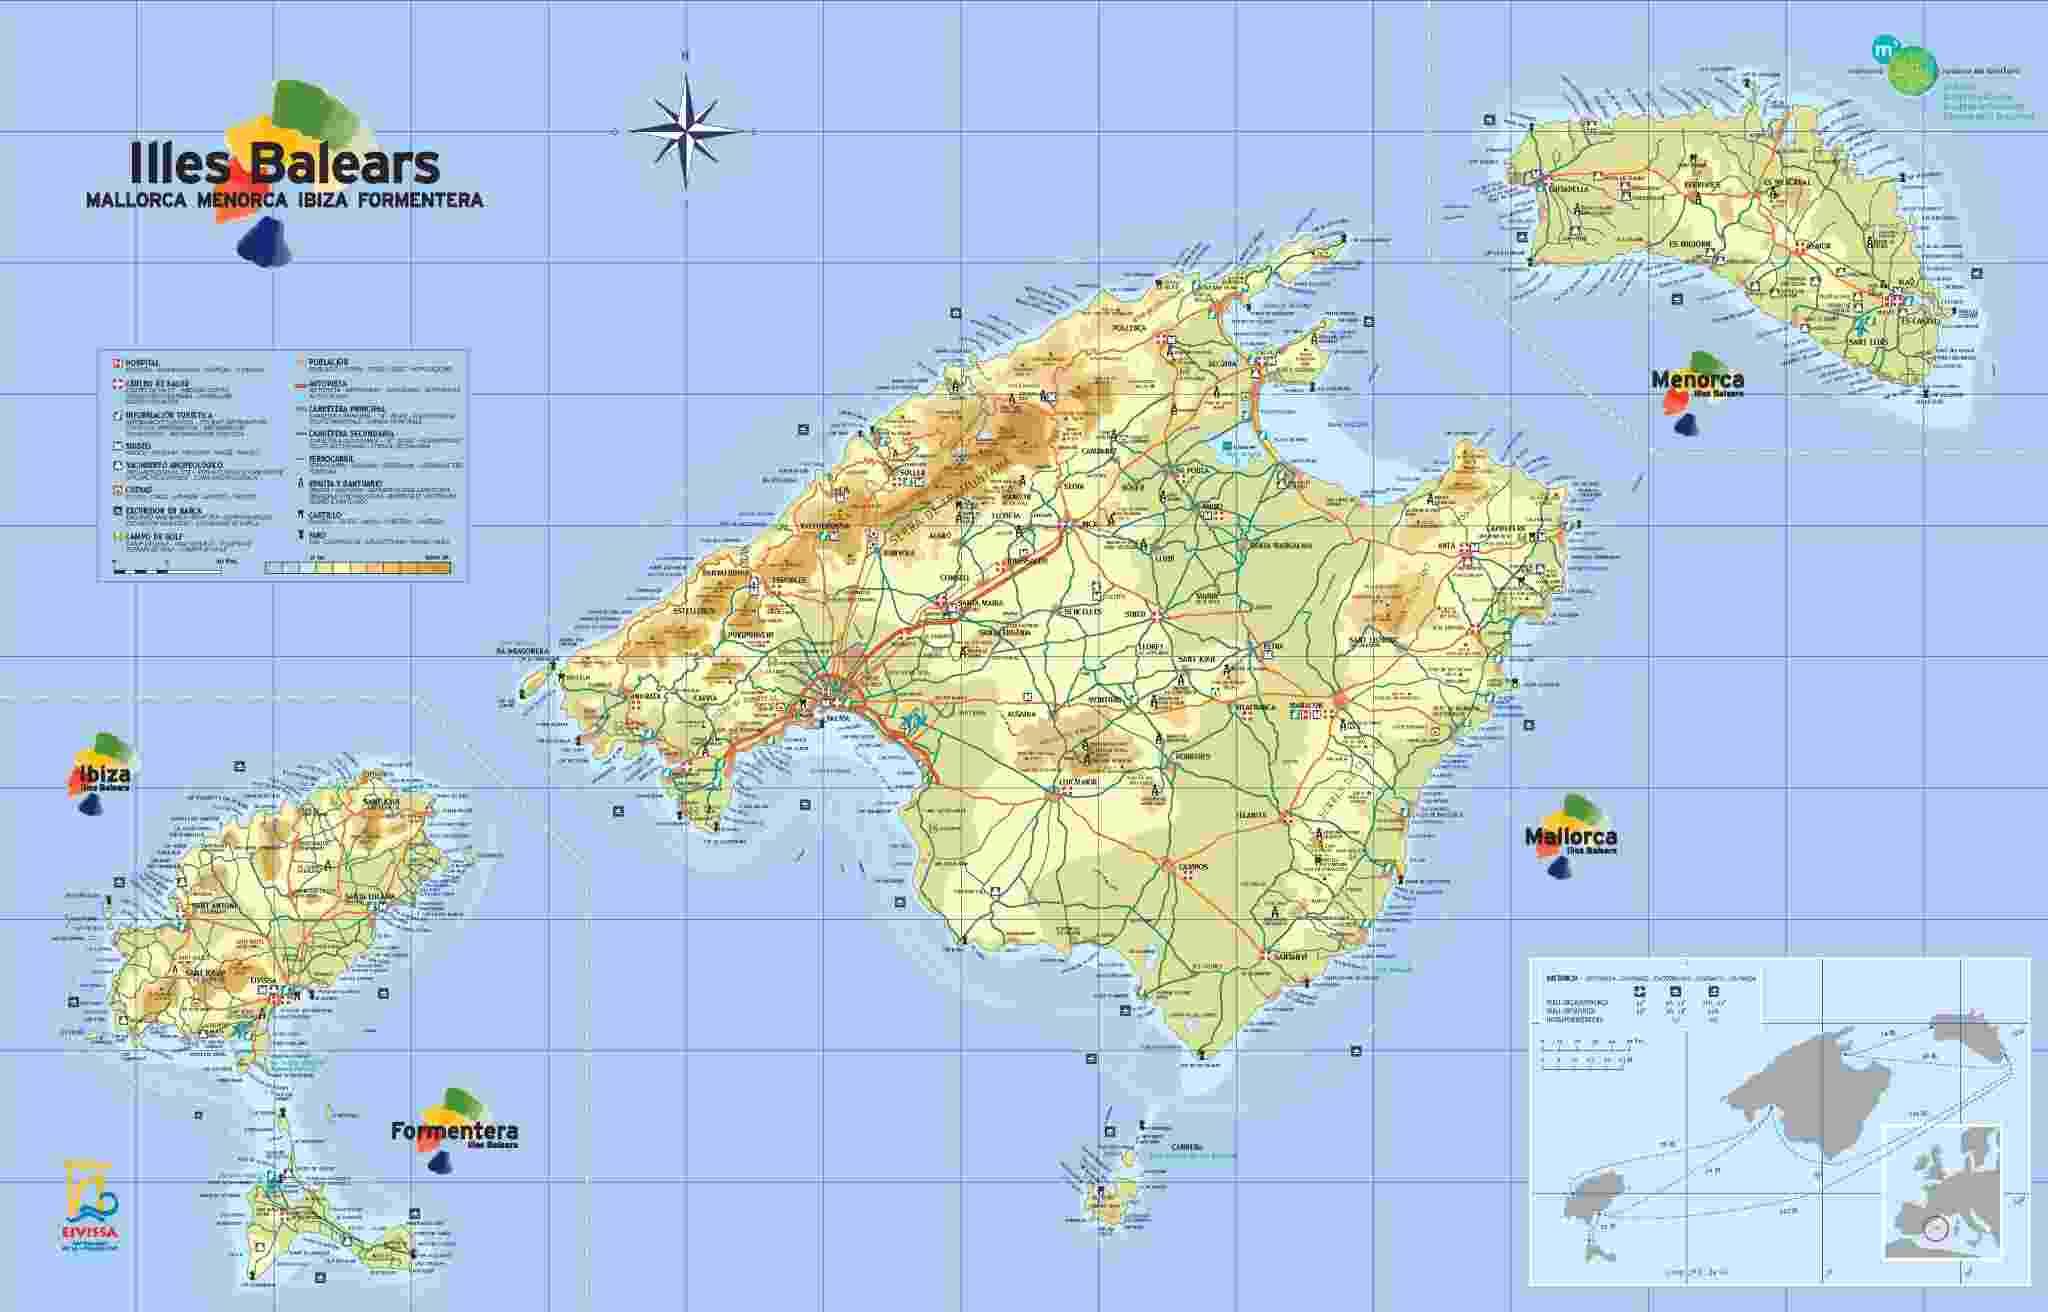 juegos de geograf a juego de islas baleares cerebriti. Black Bedroom Furniture Sets. Home Design Ideas